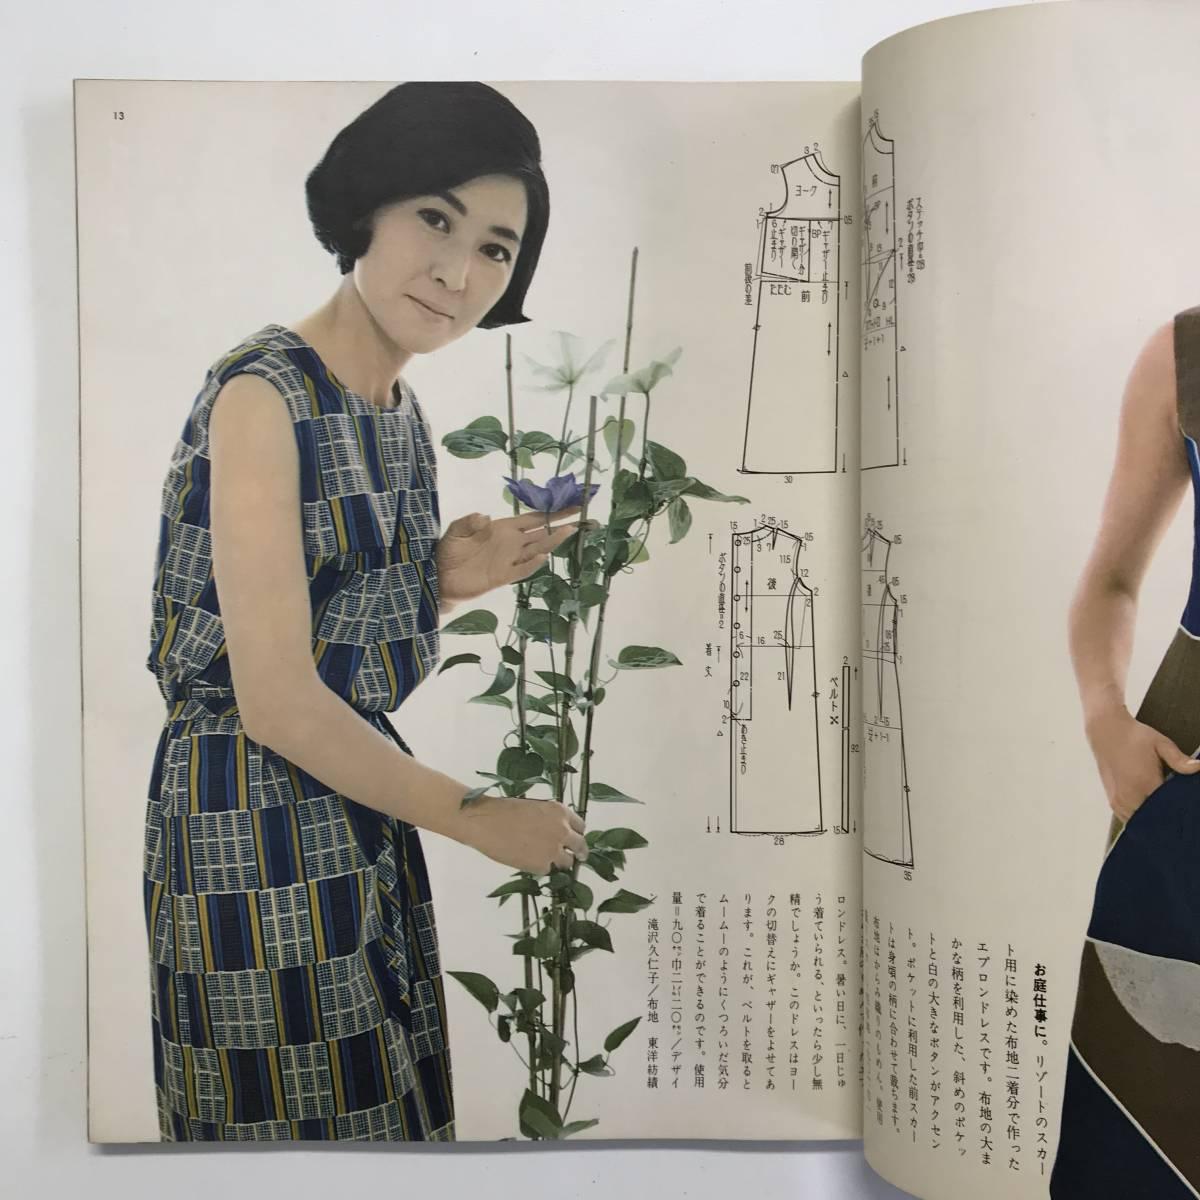 ミセス 臨時増刊号 昭和41年8月号 t00941_l3_画像3